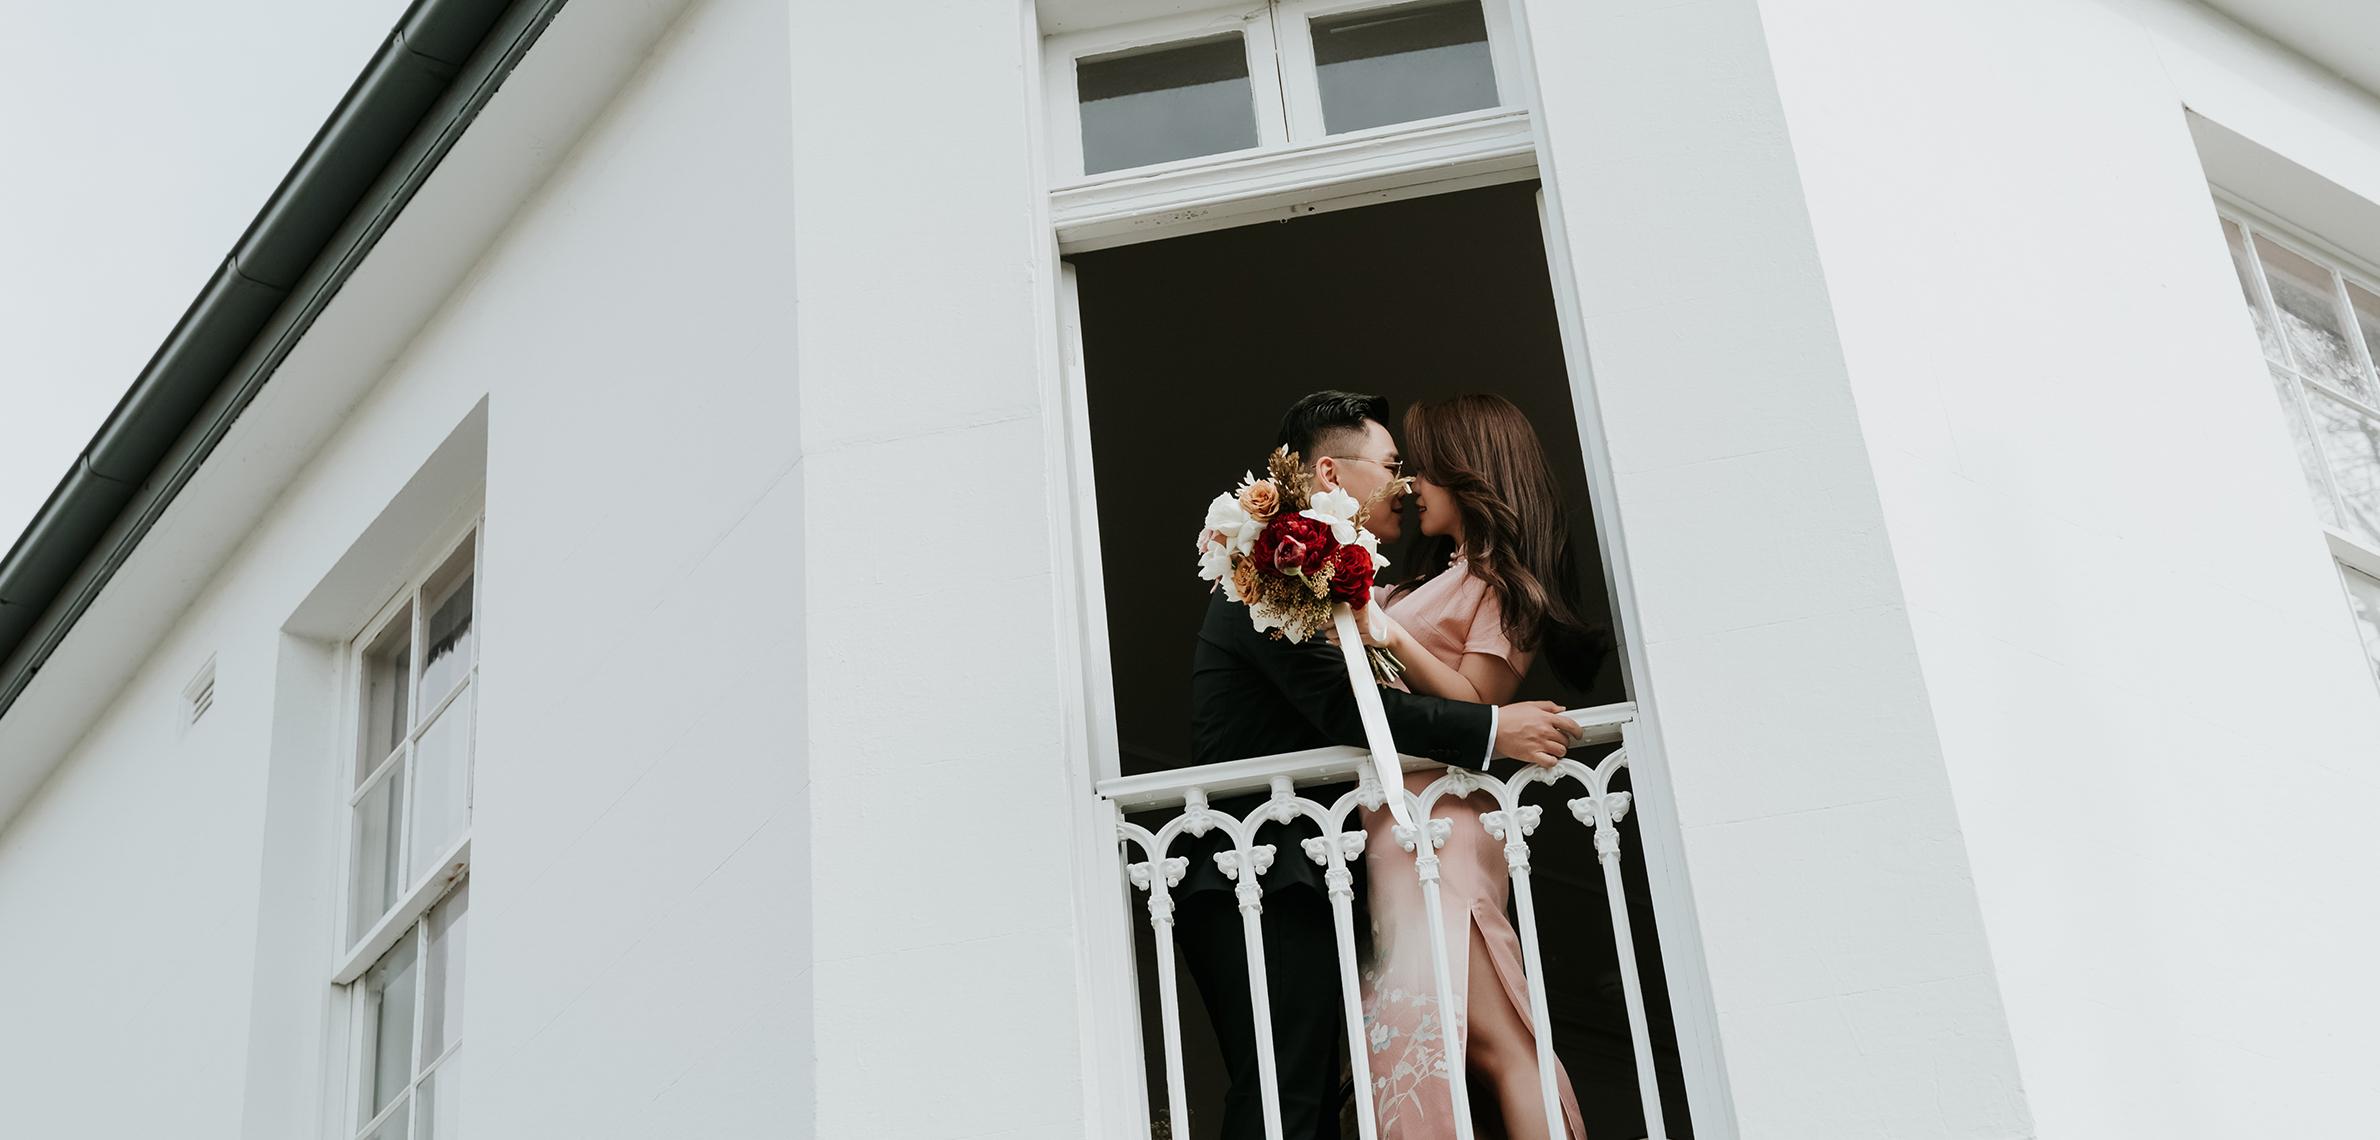 悉尼婚禮跟拍,悉尼婚禮攝影攝像,悉尼婚礼摄影摄像,悉尼网红婚纱拍摄点,网红旅拍婚纱照,悉尼婚纱摄影,悉尼婚礼拍摄,悉尼婚纱照,雪梨婚纱摄影,悉尼婚纱影楼,澳洲旅拍,悉尼婚纱旅拍,悉尼婚纱店,TearoomQvb婚礼拍摄